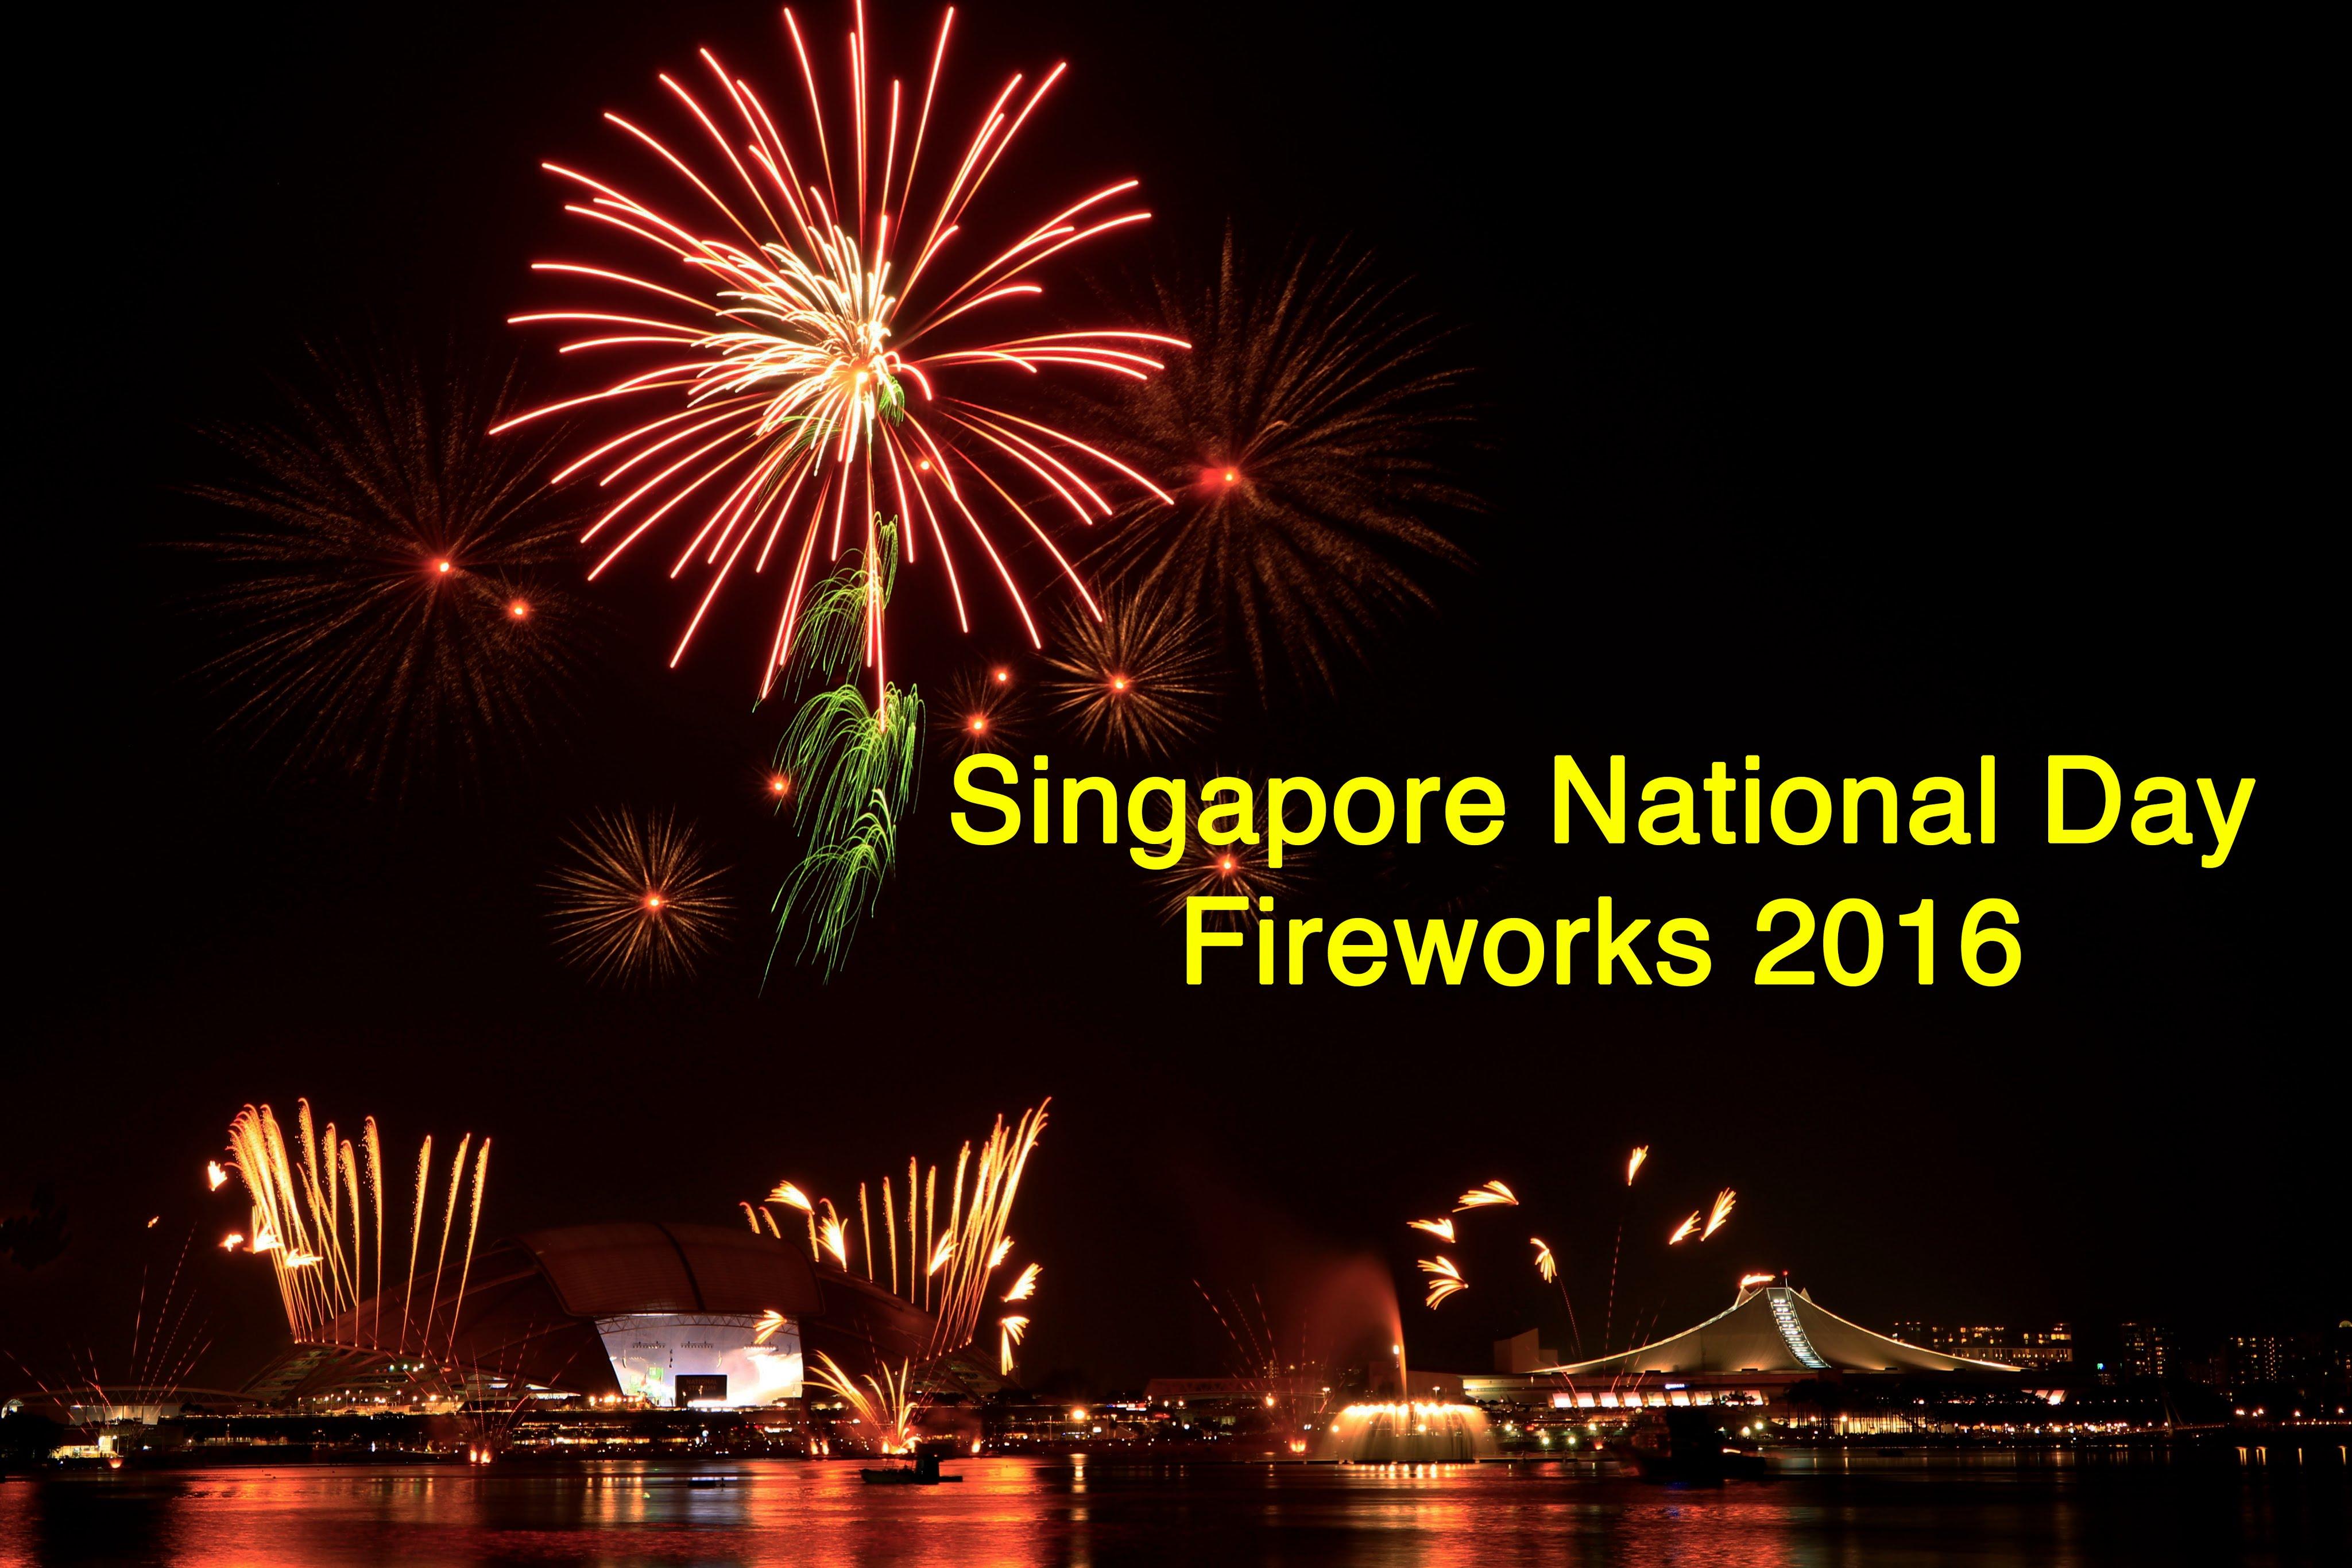 2016年シンガポール国立記念日、フィナーレ シンガポール 花火!